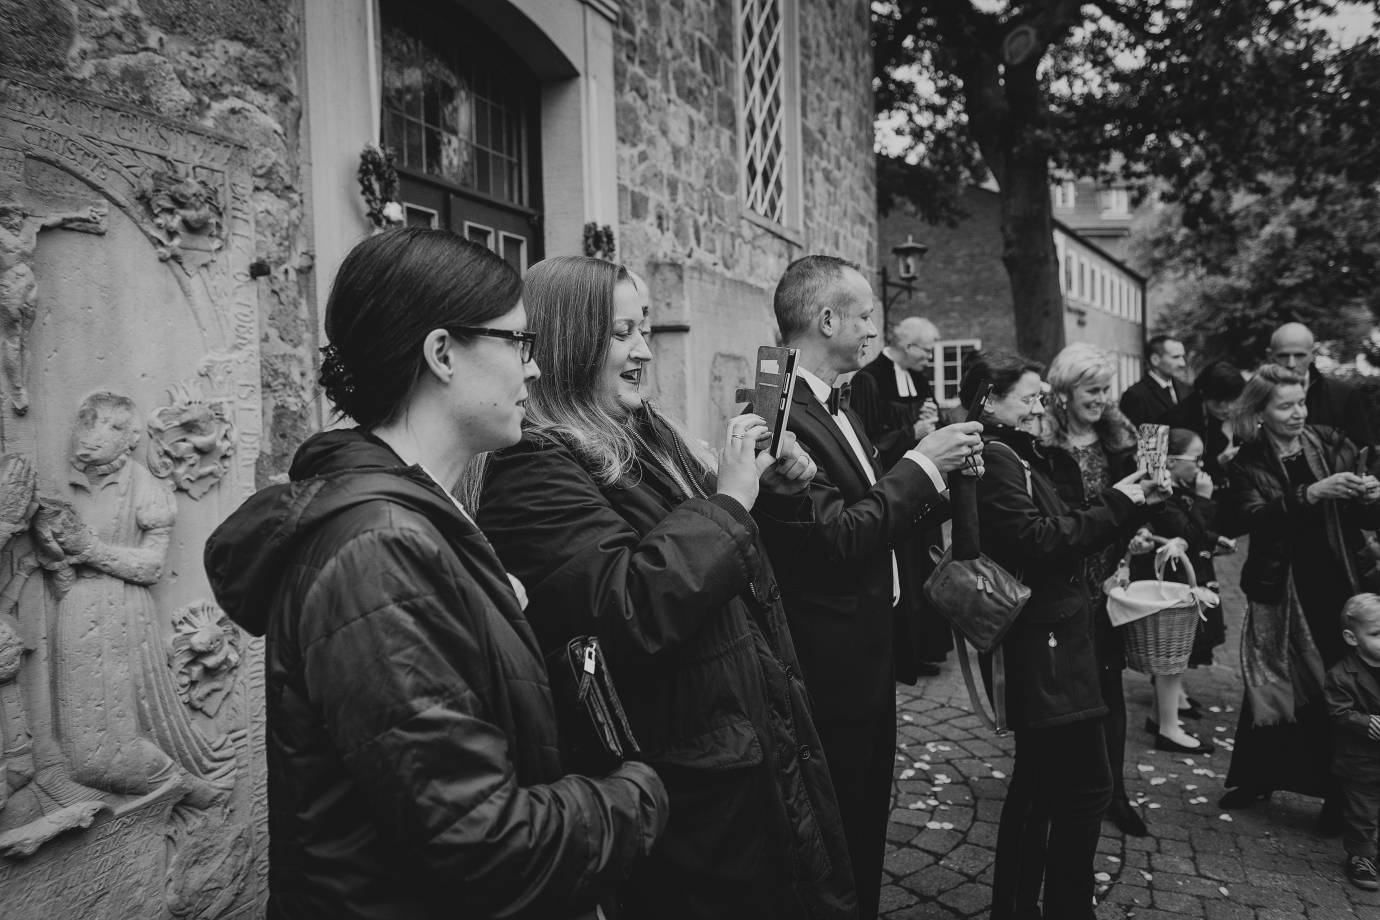 hochzeitsfotograf bremen 092 - Ronja+Mathis